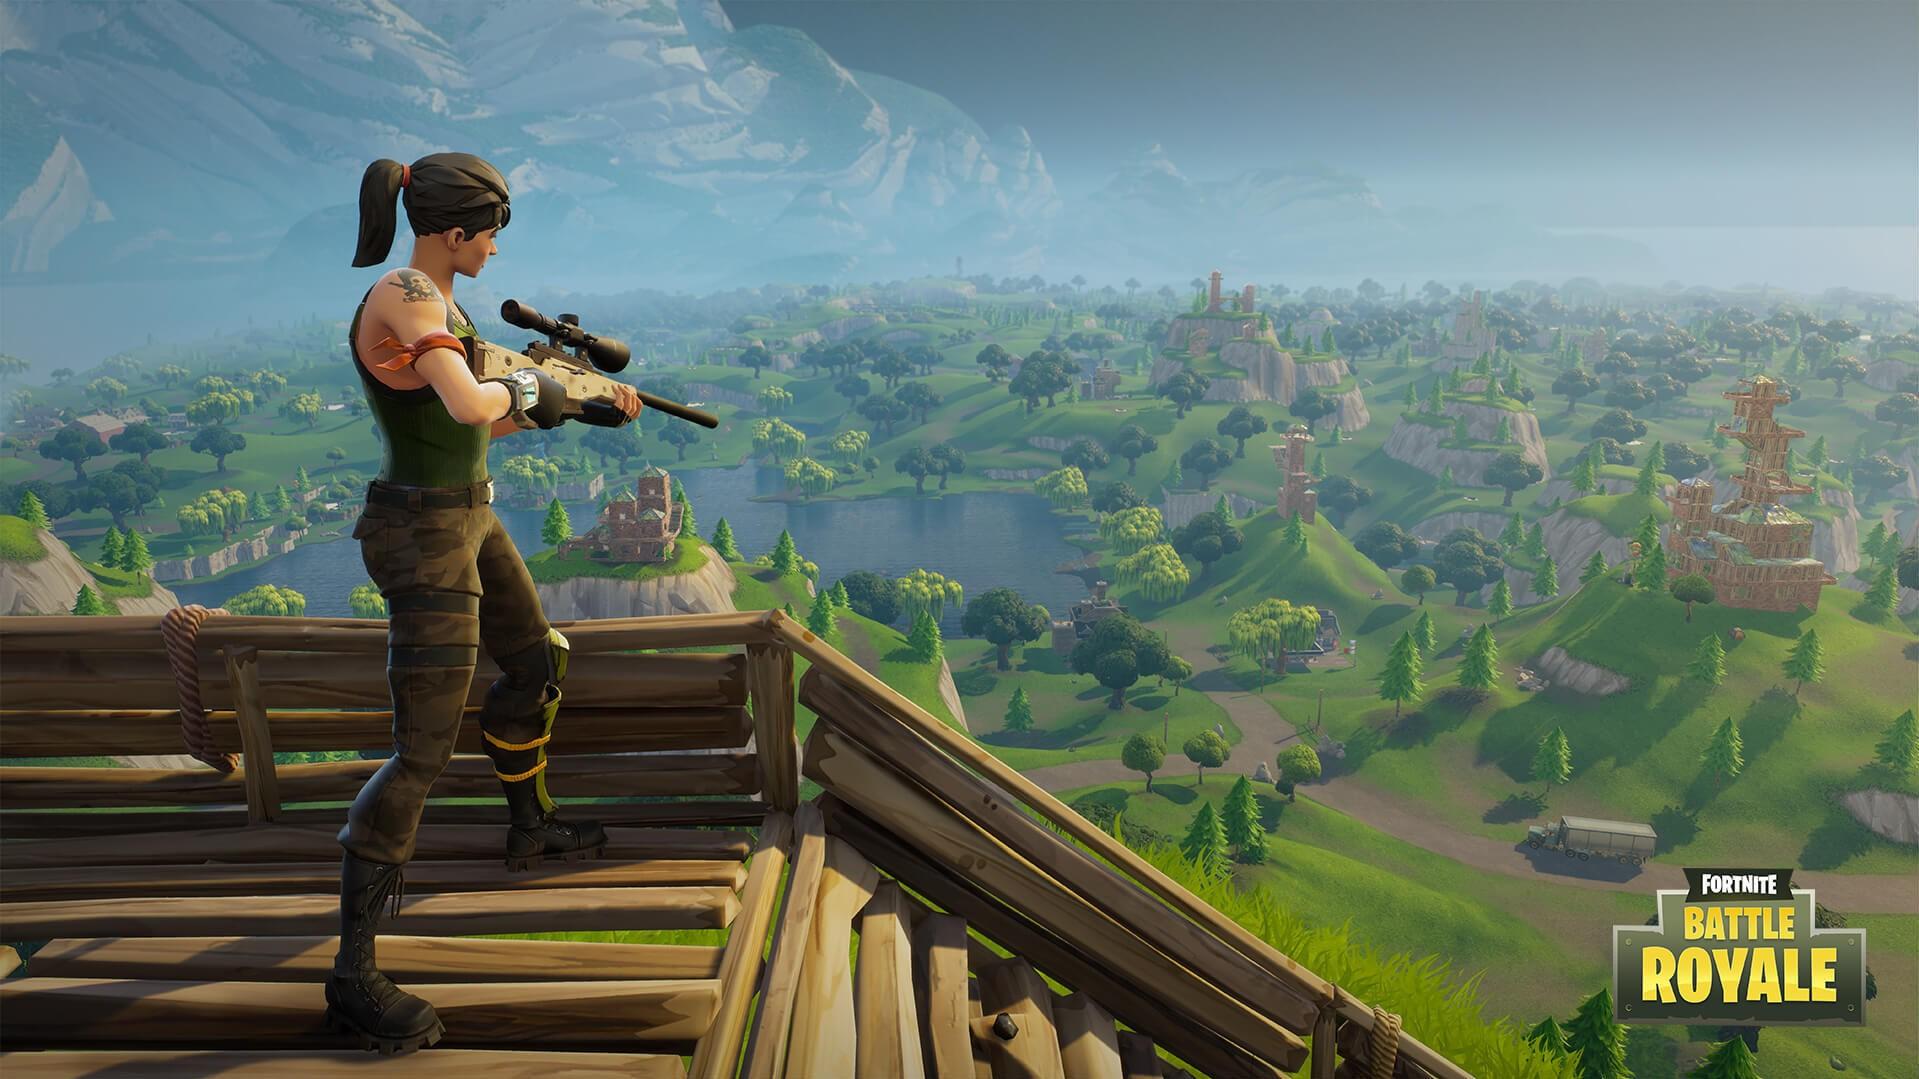 Fortnite er et spill som har fått enorm popularitet i løpet av kort tid. Nå kjemper utvikleren med nebb og klør for at juksere ikke skal ødelegge spillet.